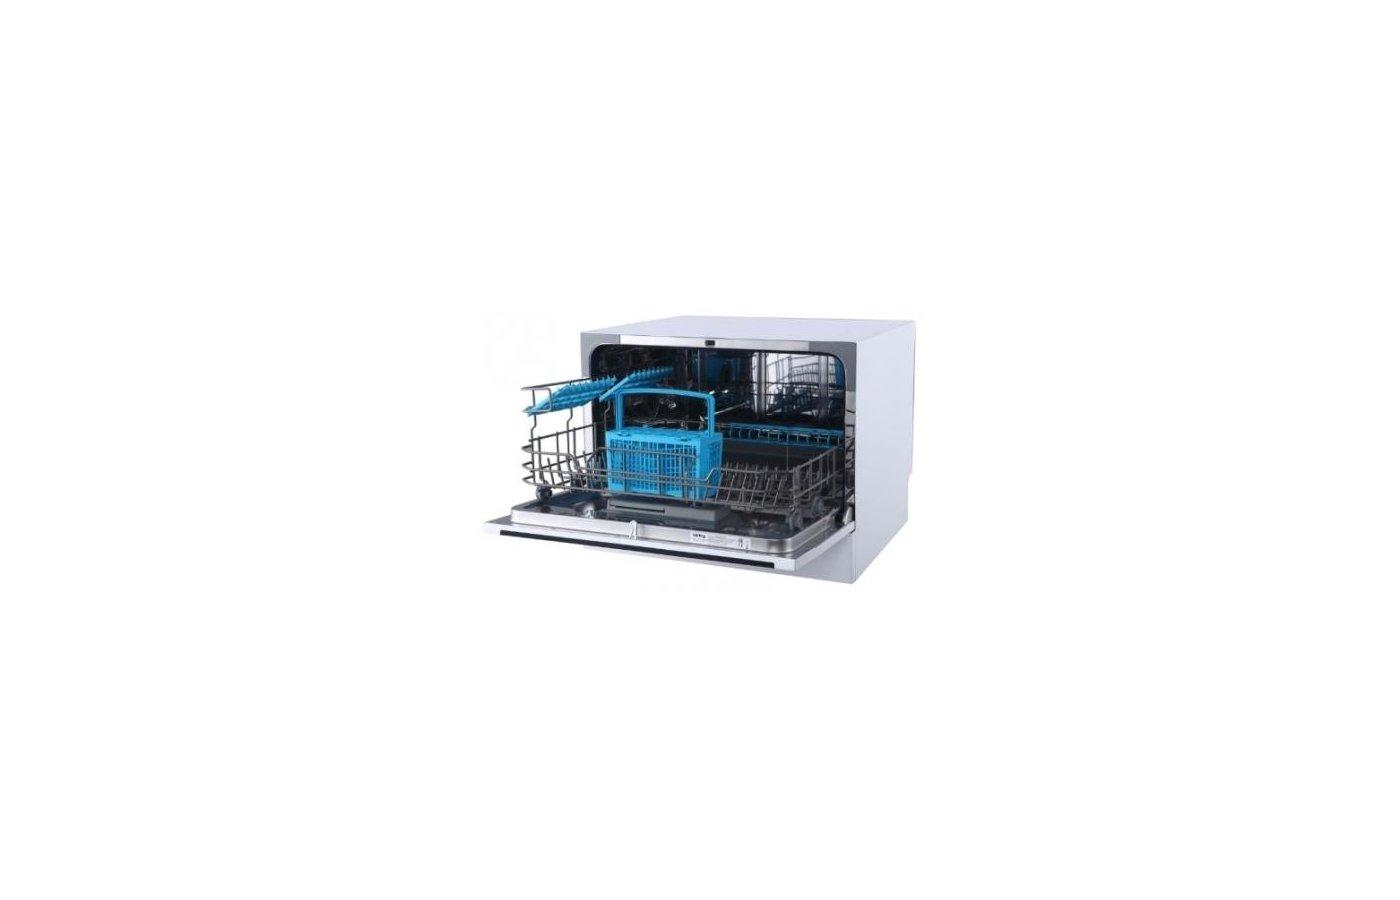 Посудомоечная машина korting kdf 2050 s: отзывы и обзор